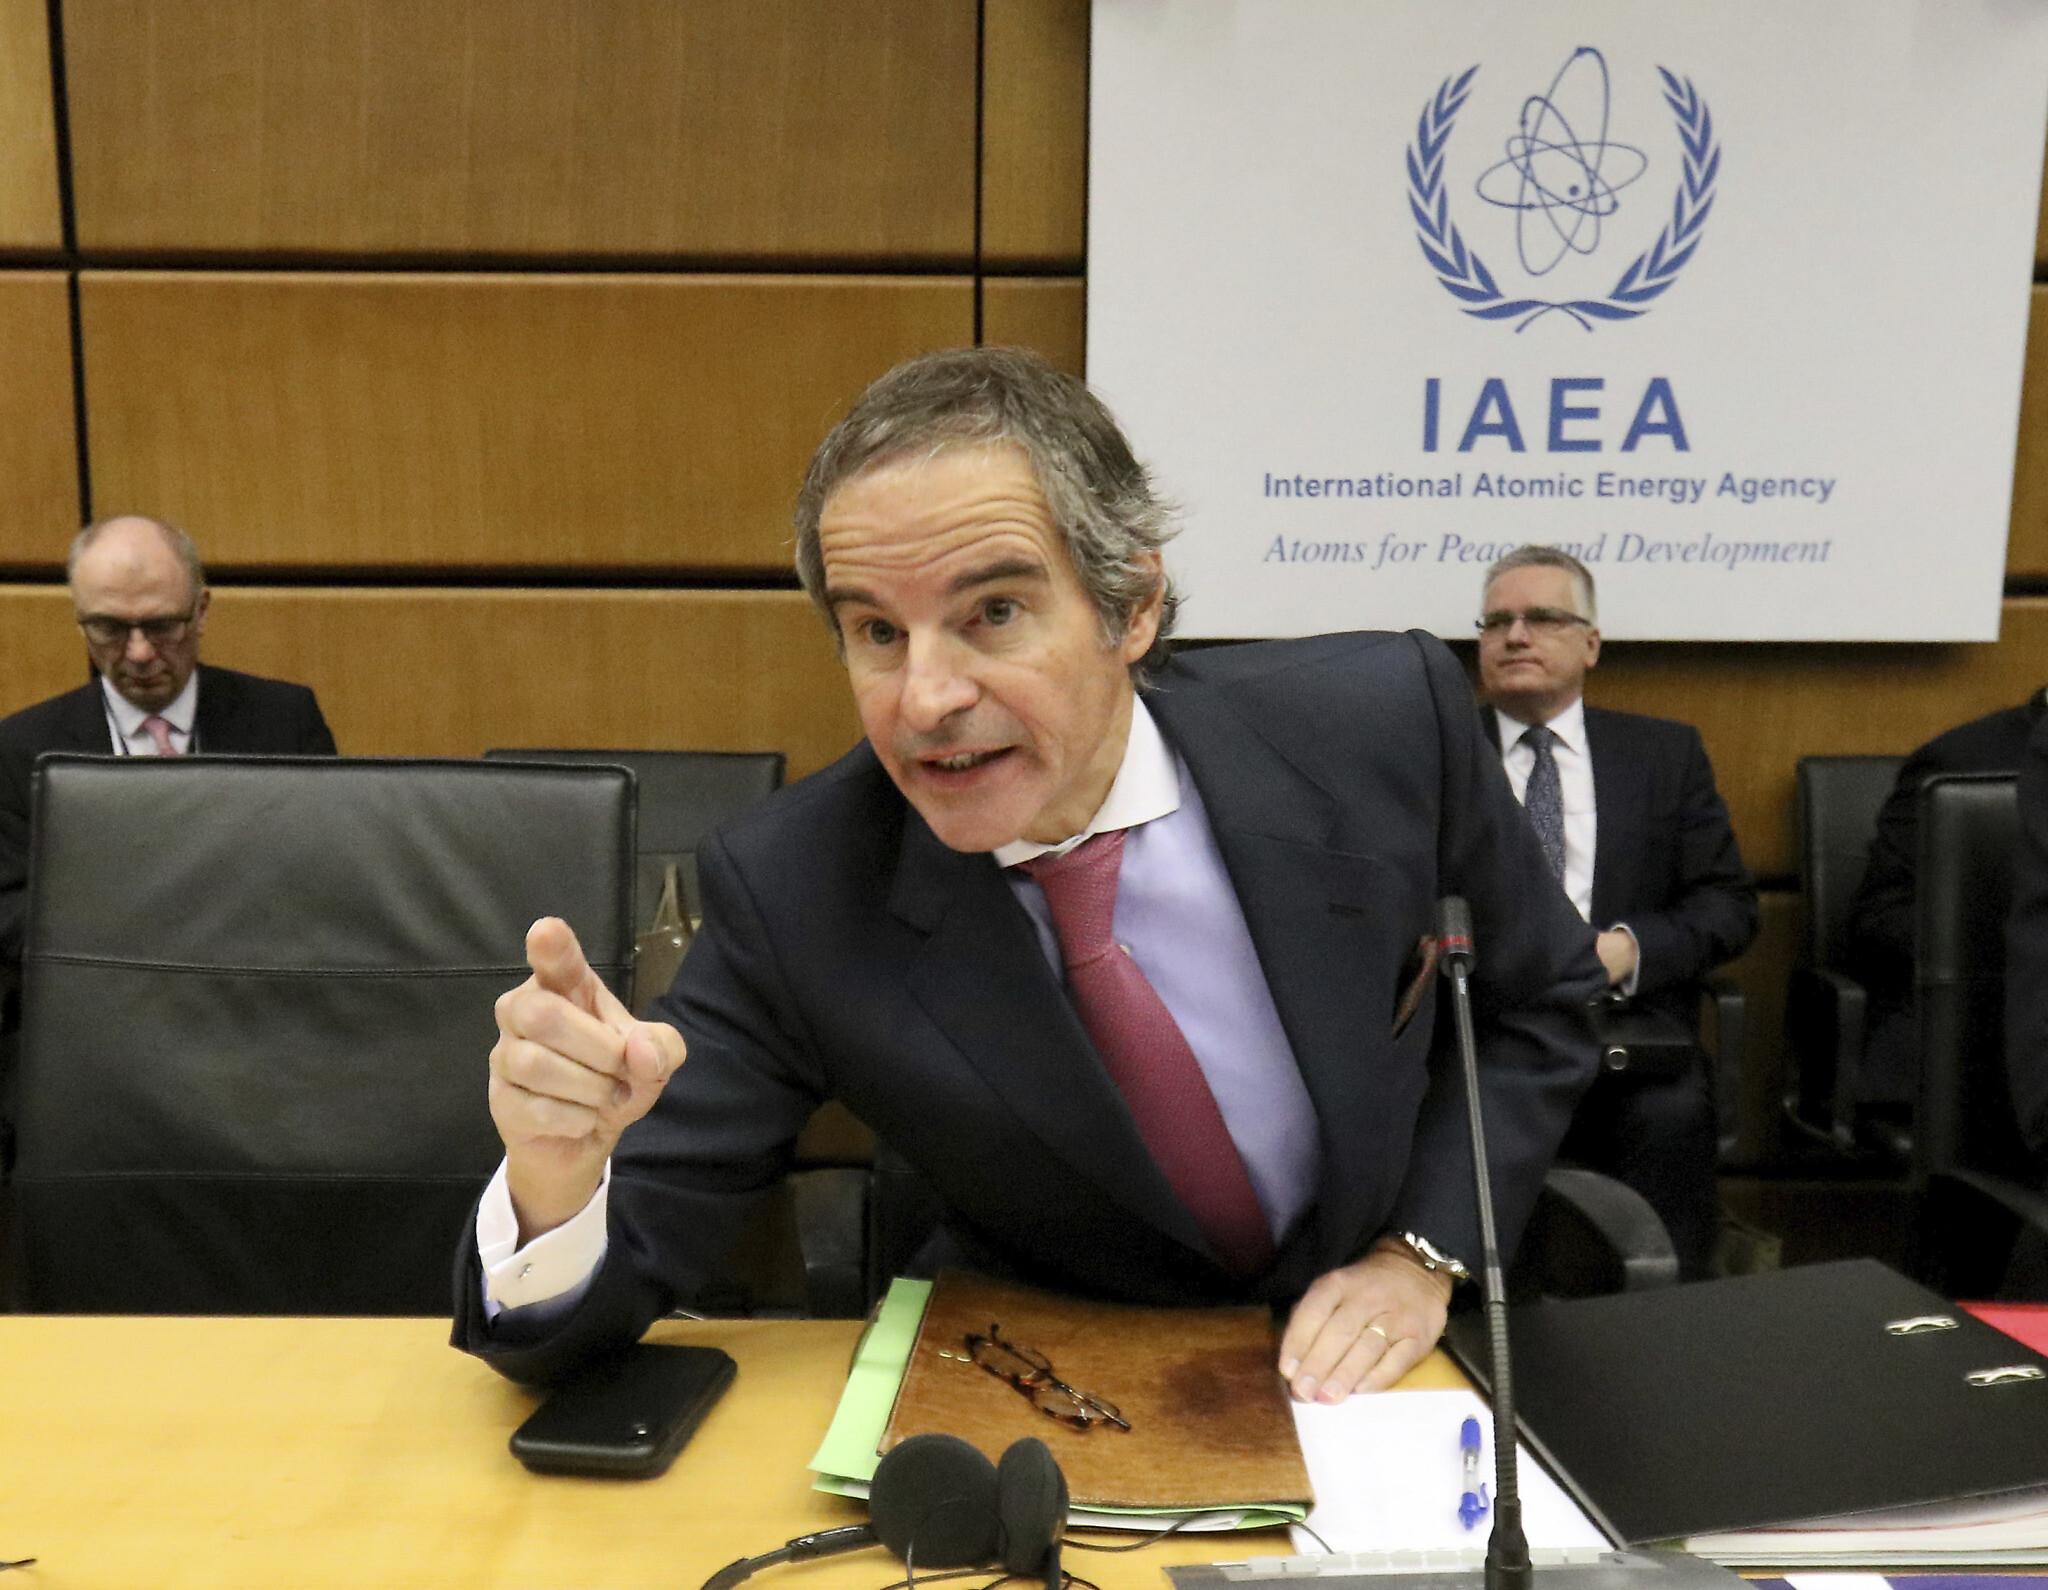 Иран и МАГАТЭ согласовали атомную инспекцию с меньшим доступом